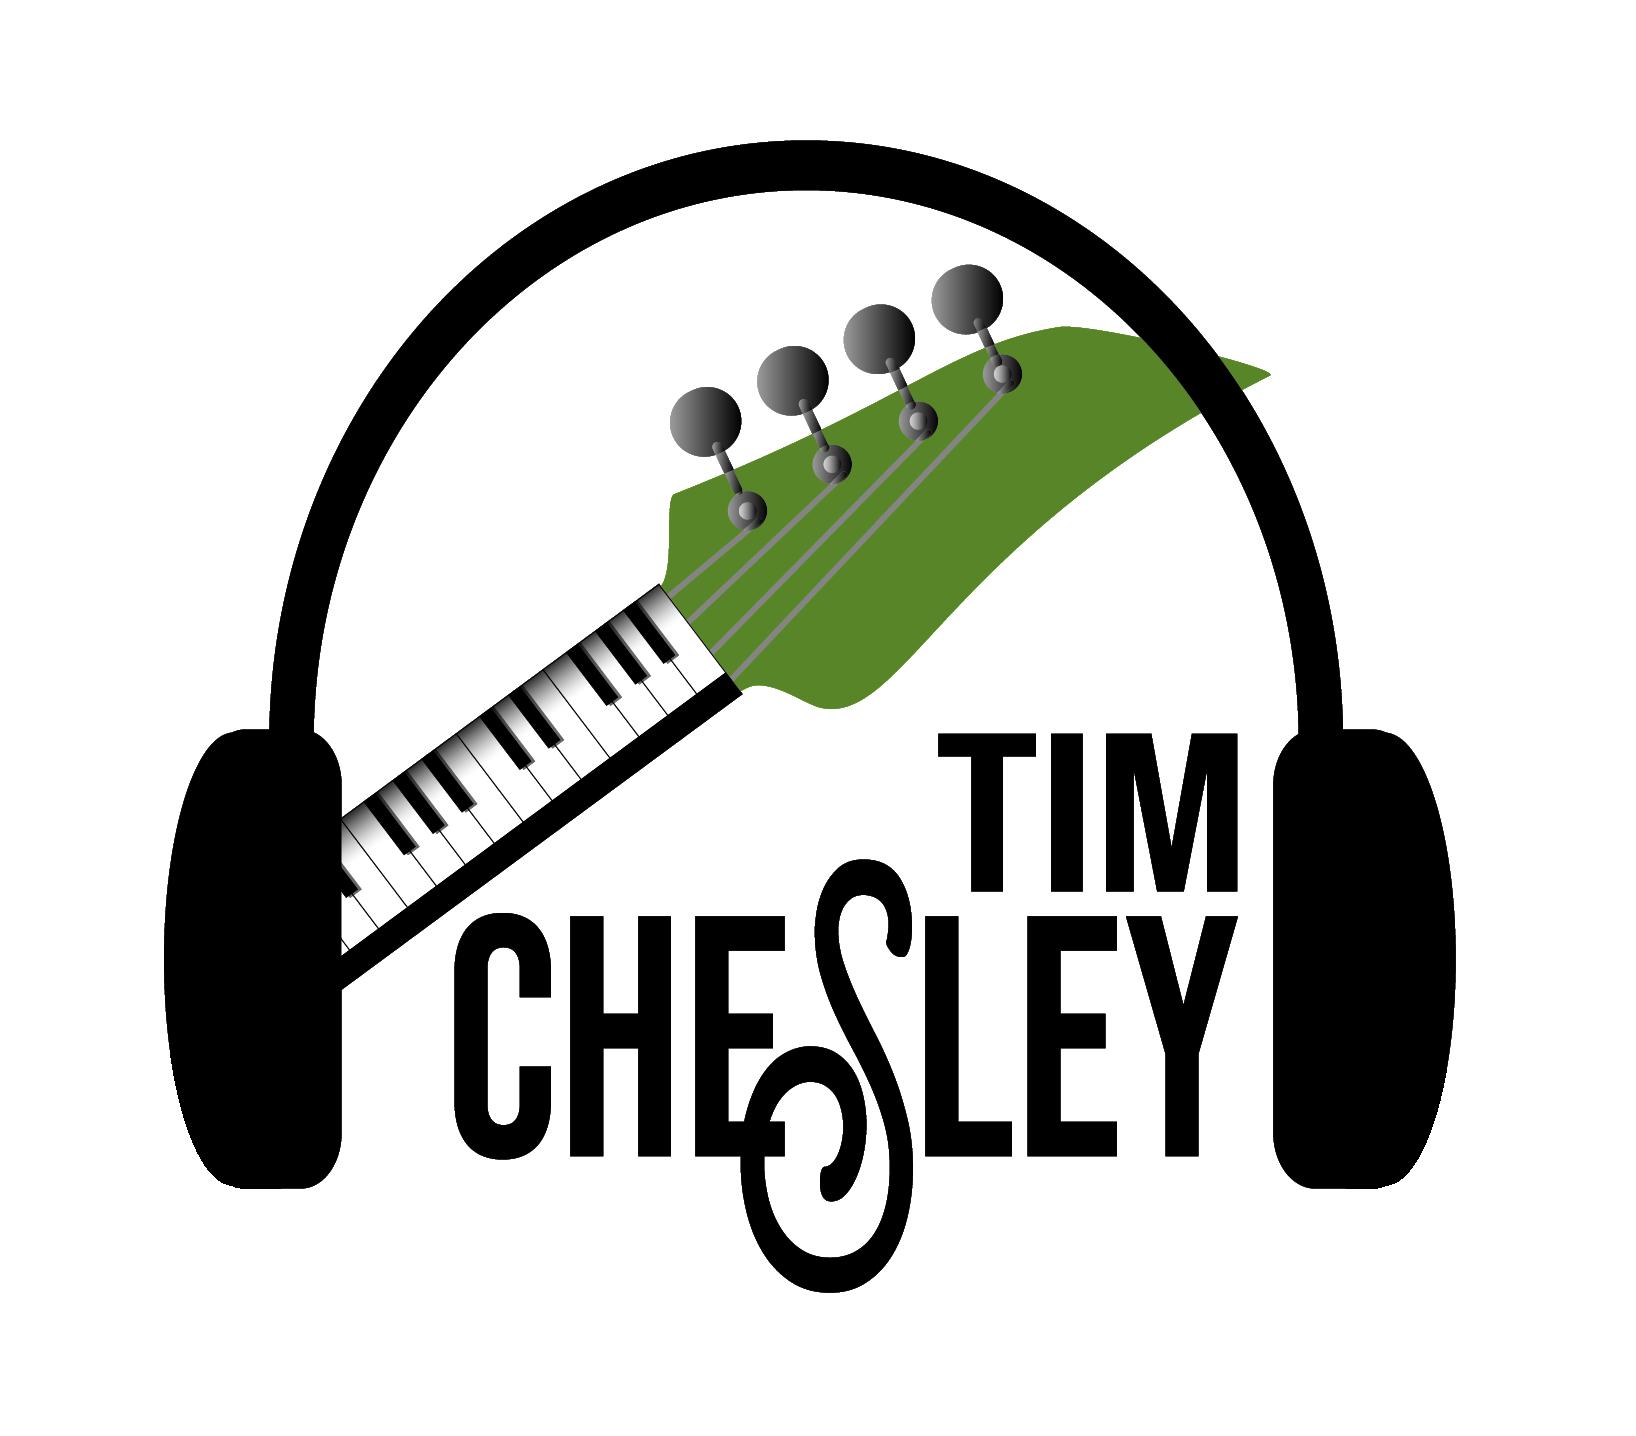 logo de tim Chesley chanteur auteur compositeur